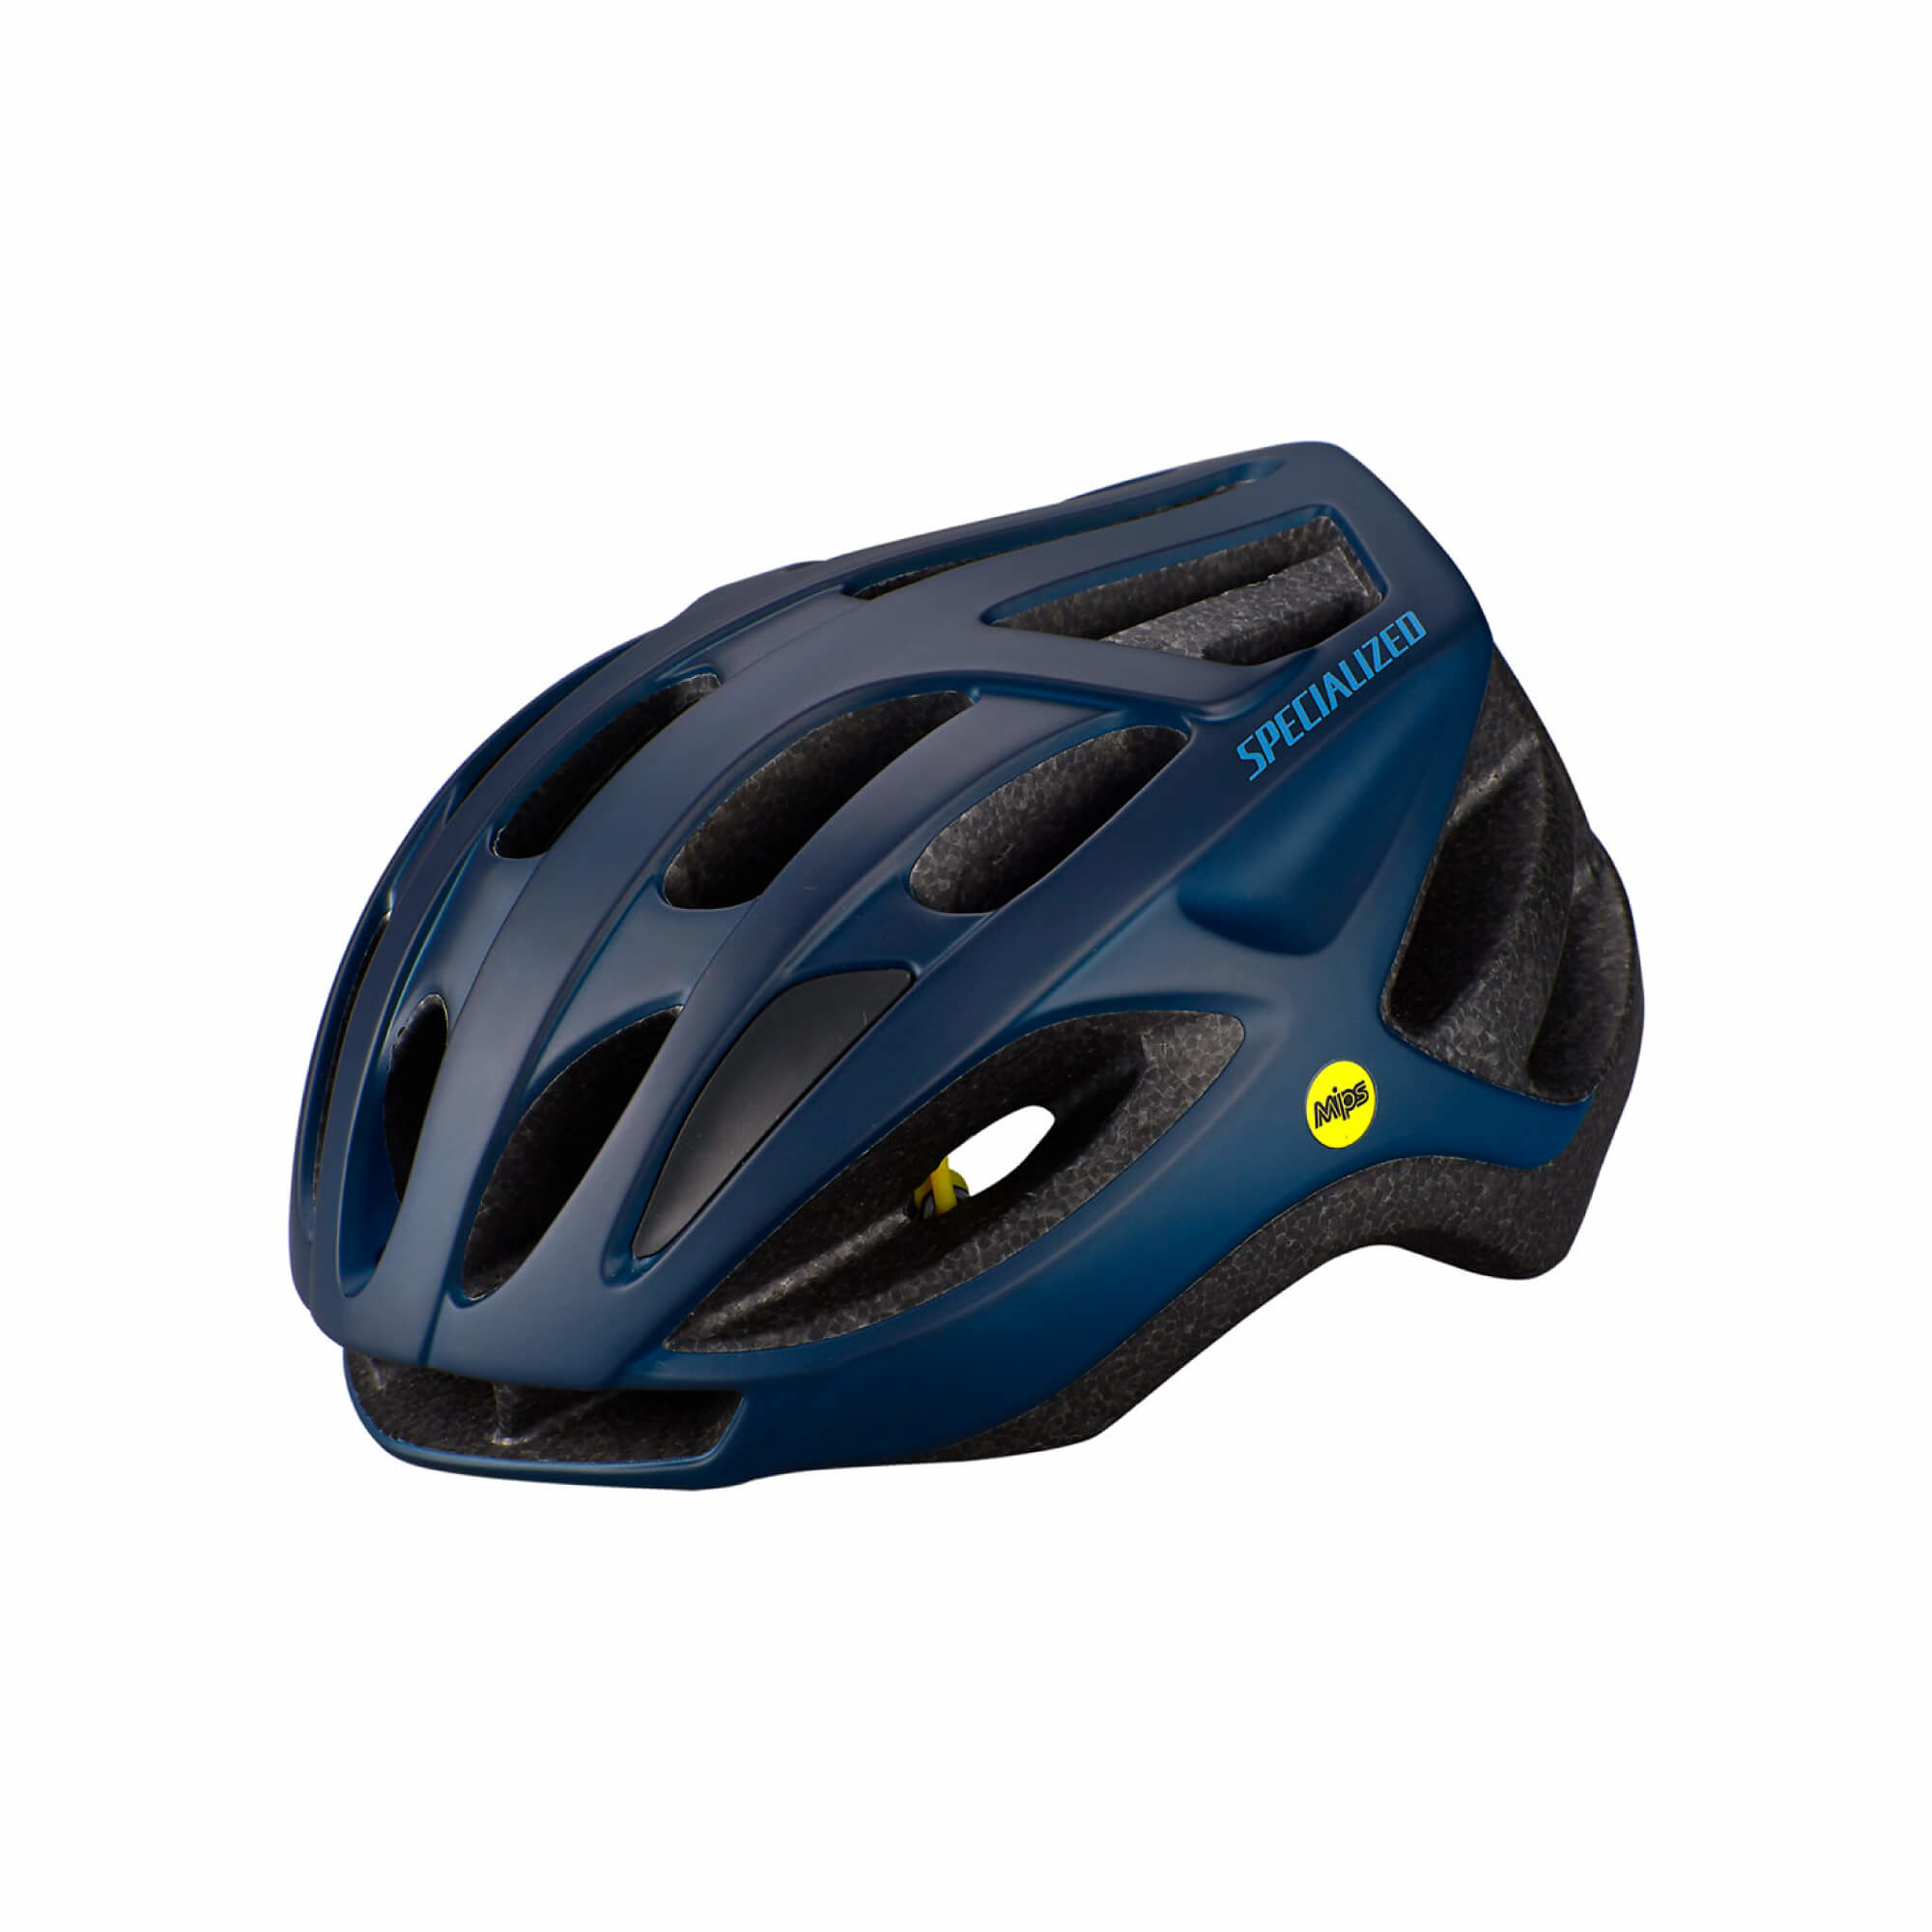 Align Helmet Mips-1